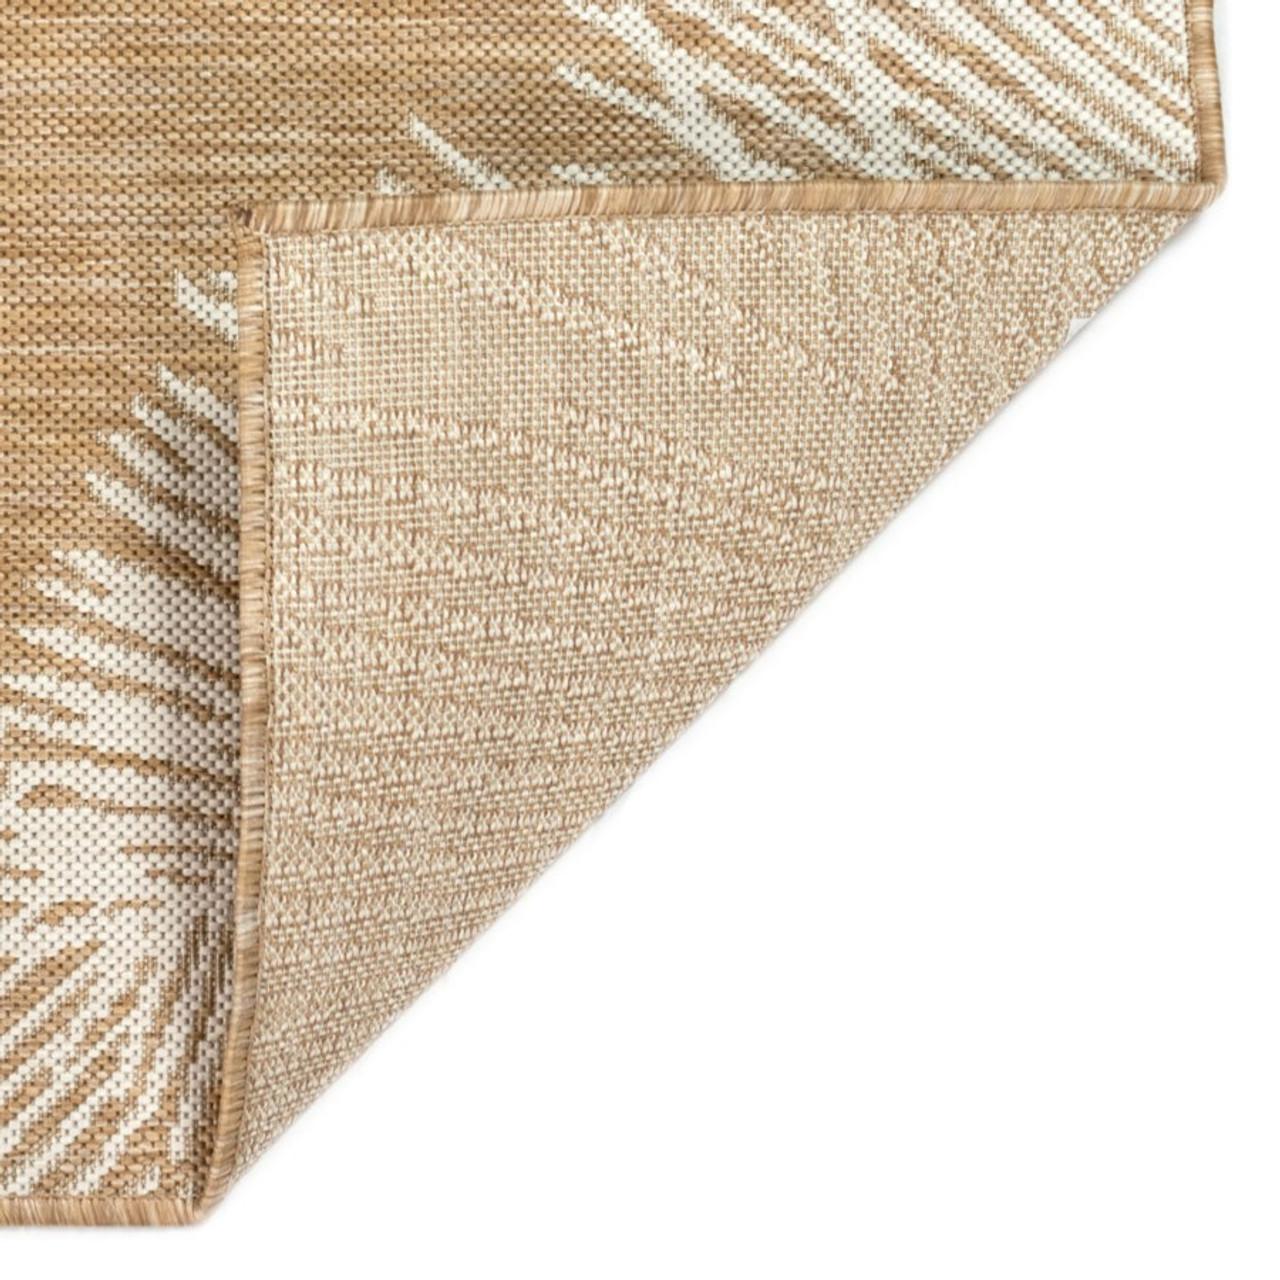 Sand Carmel Palm Leaf Indoor/Outdoor Rug - Backing